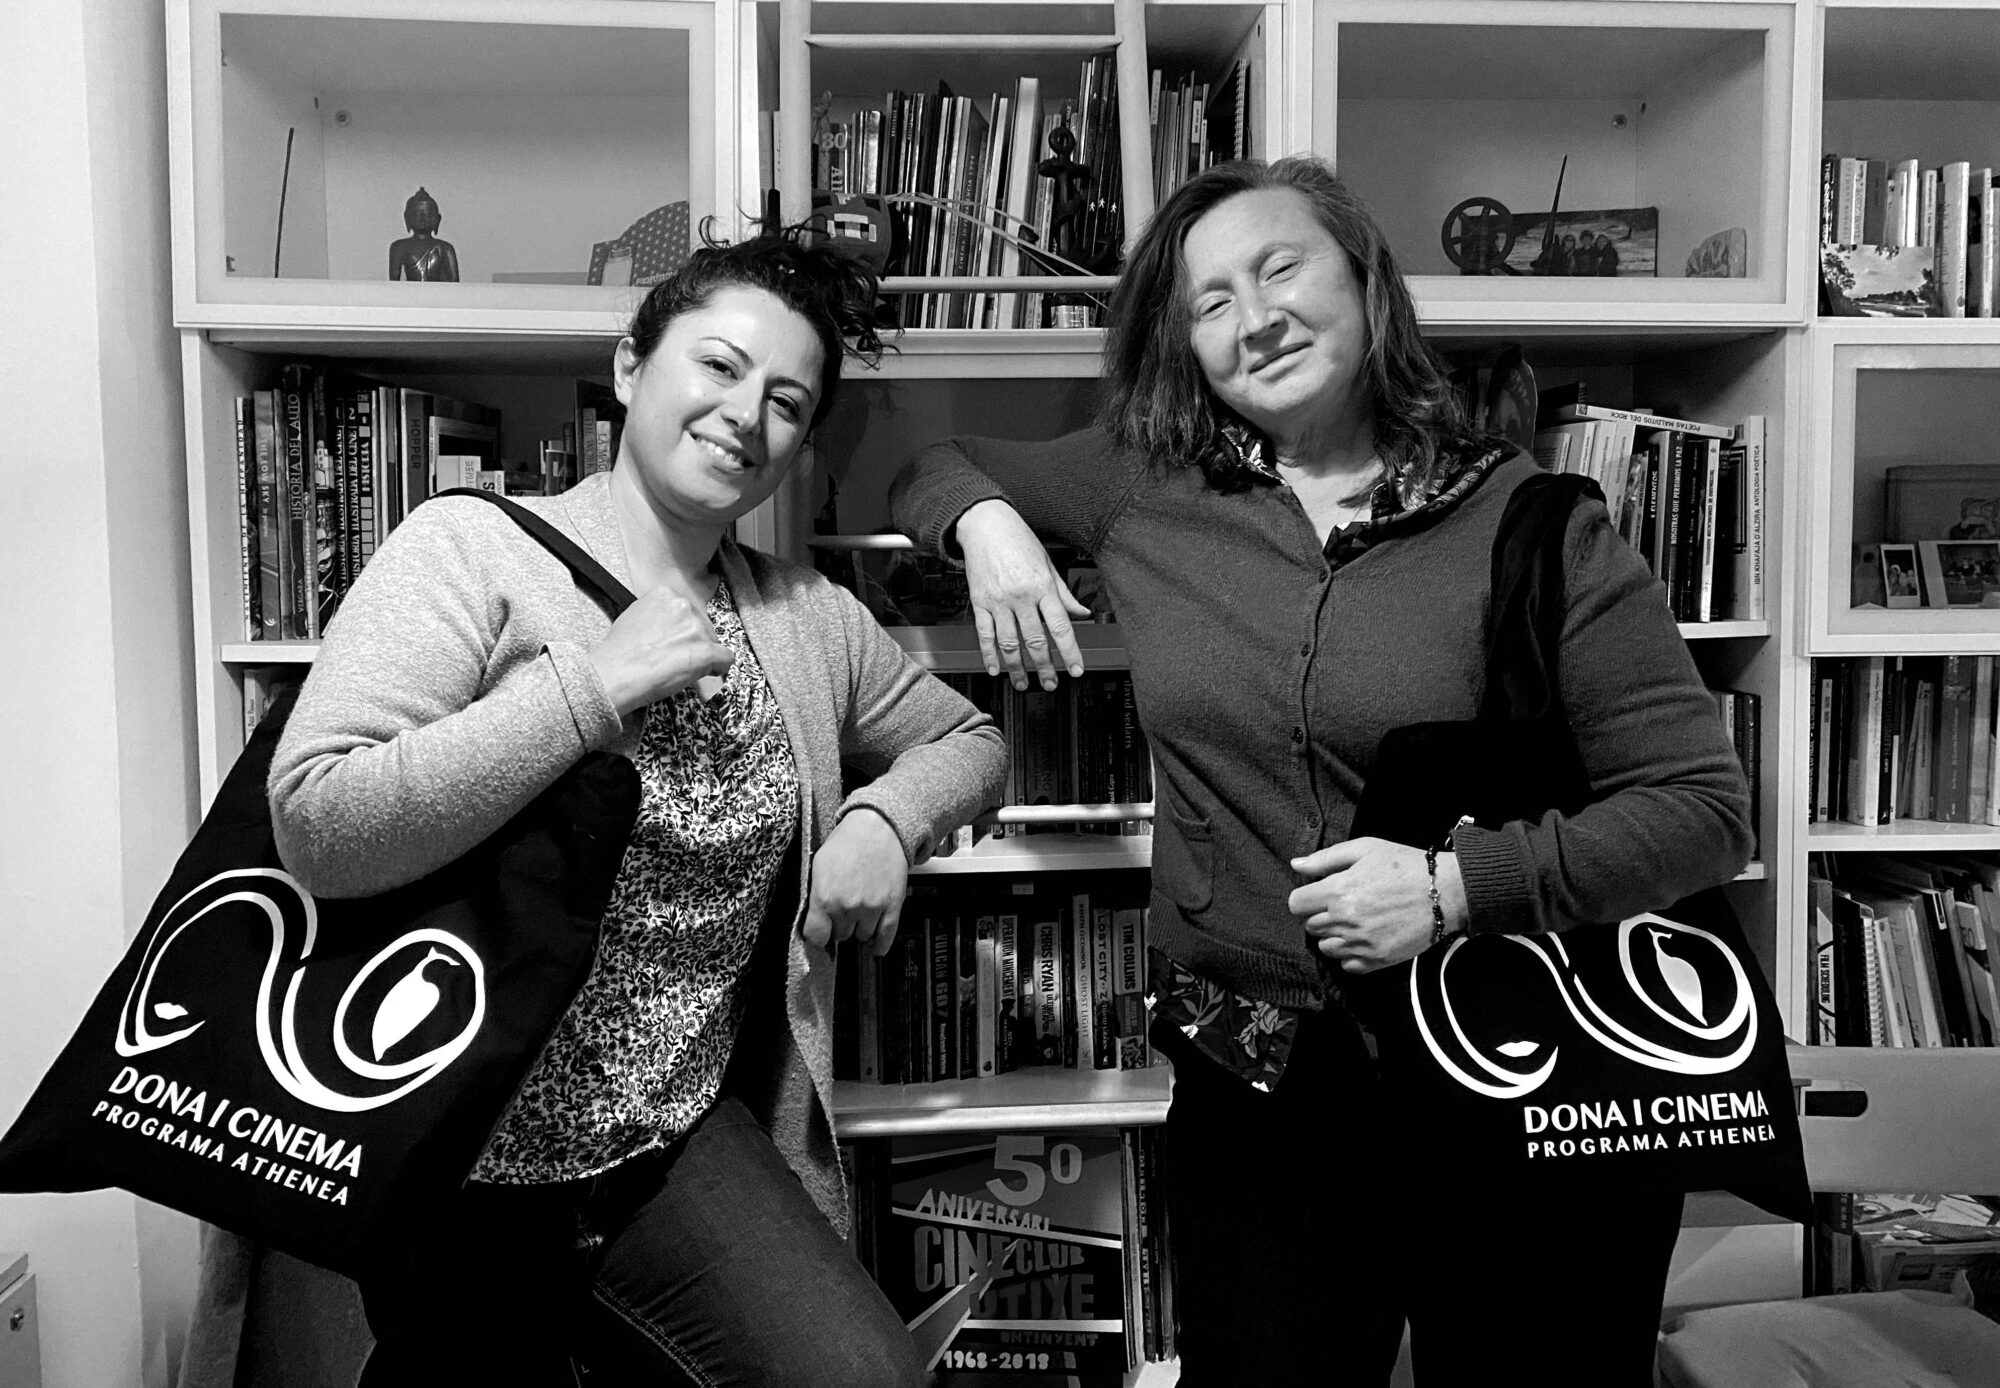 Deborah Micheletti y Giovanna Ribes, directoras de Dona i Cinema.